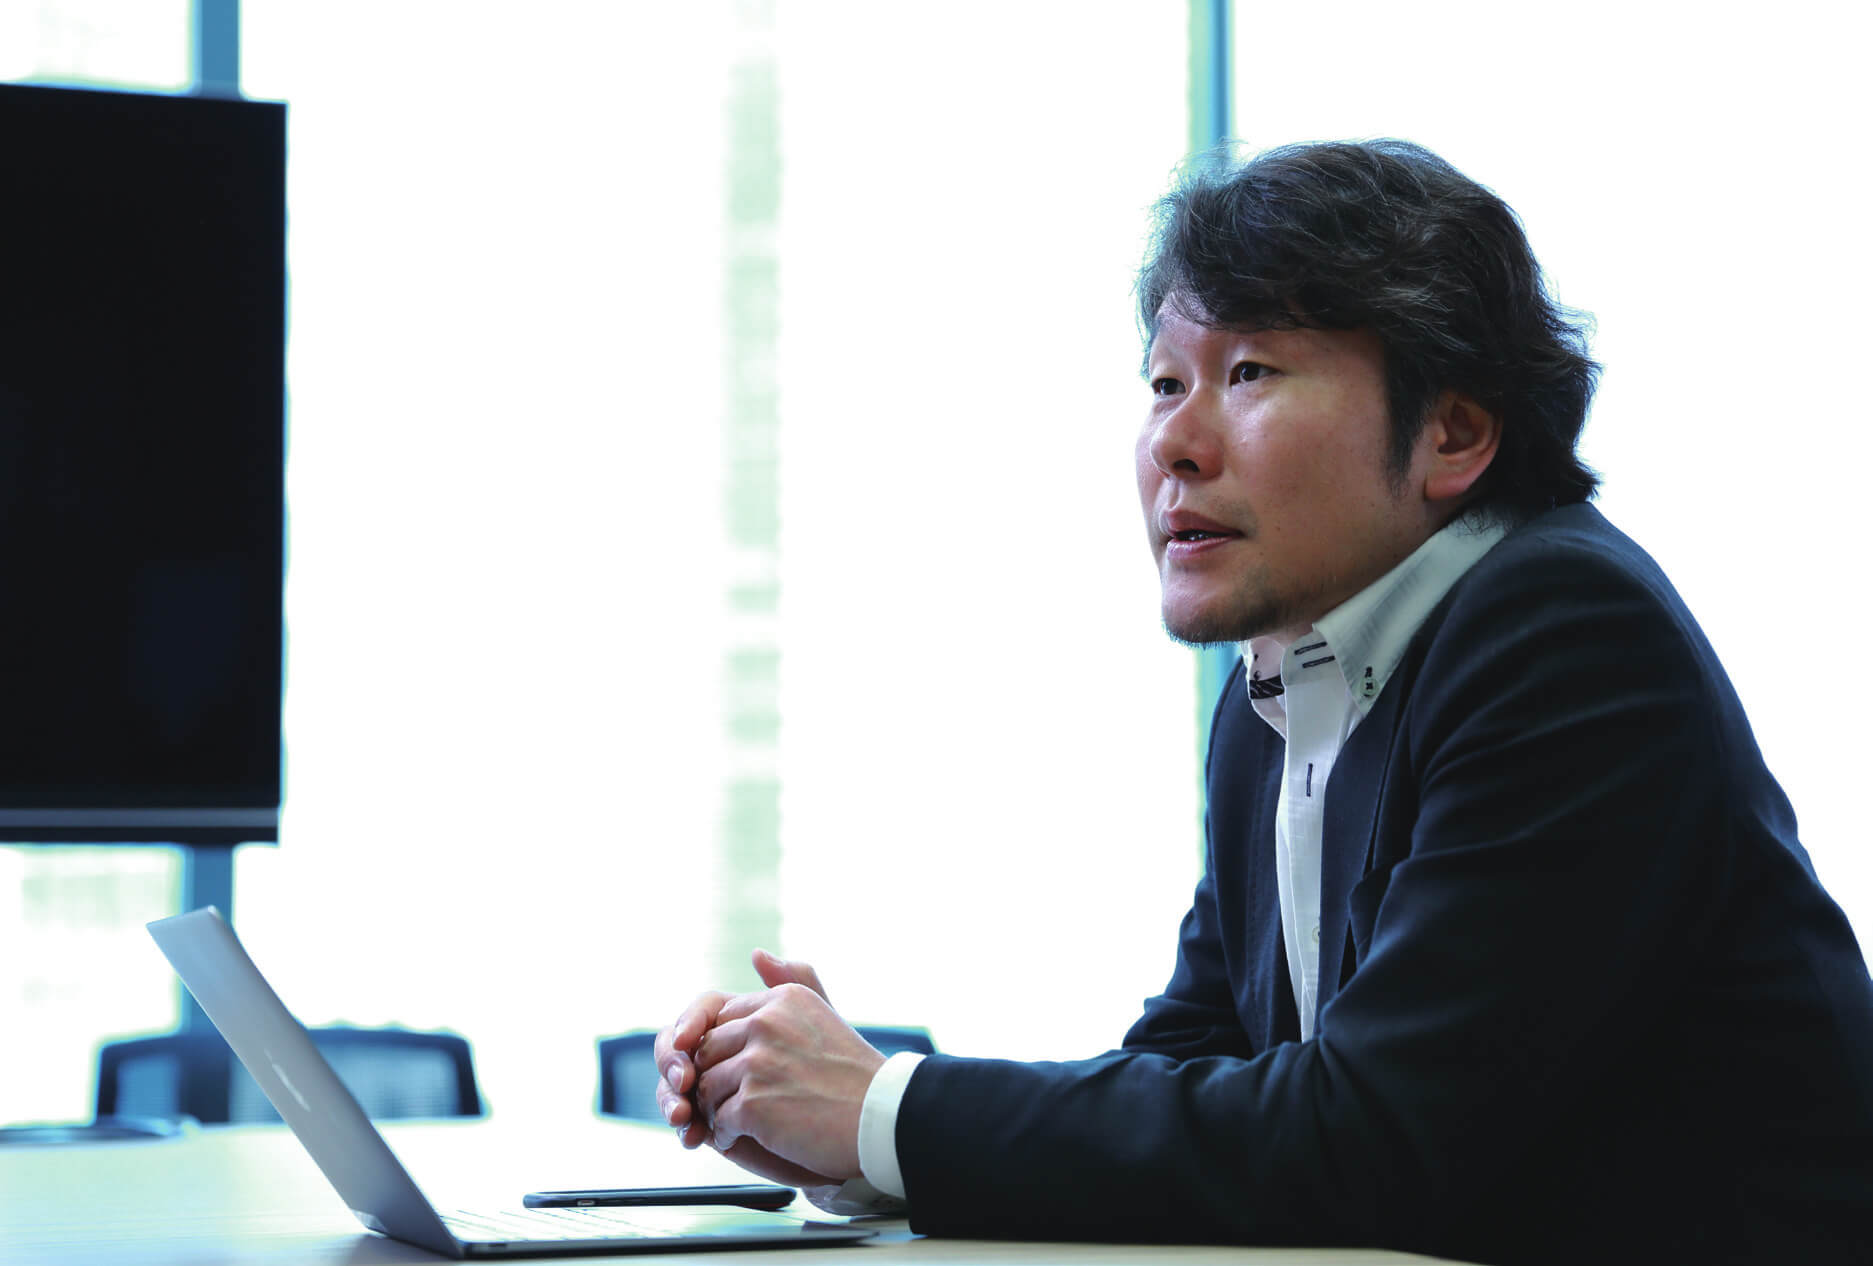 最強のデータ経営:経営判断に有効な指標を導き出し、AIによる未来予測まで実現したい